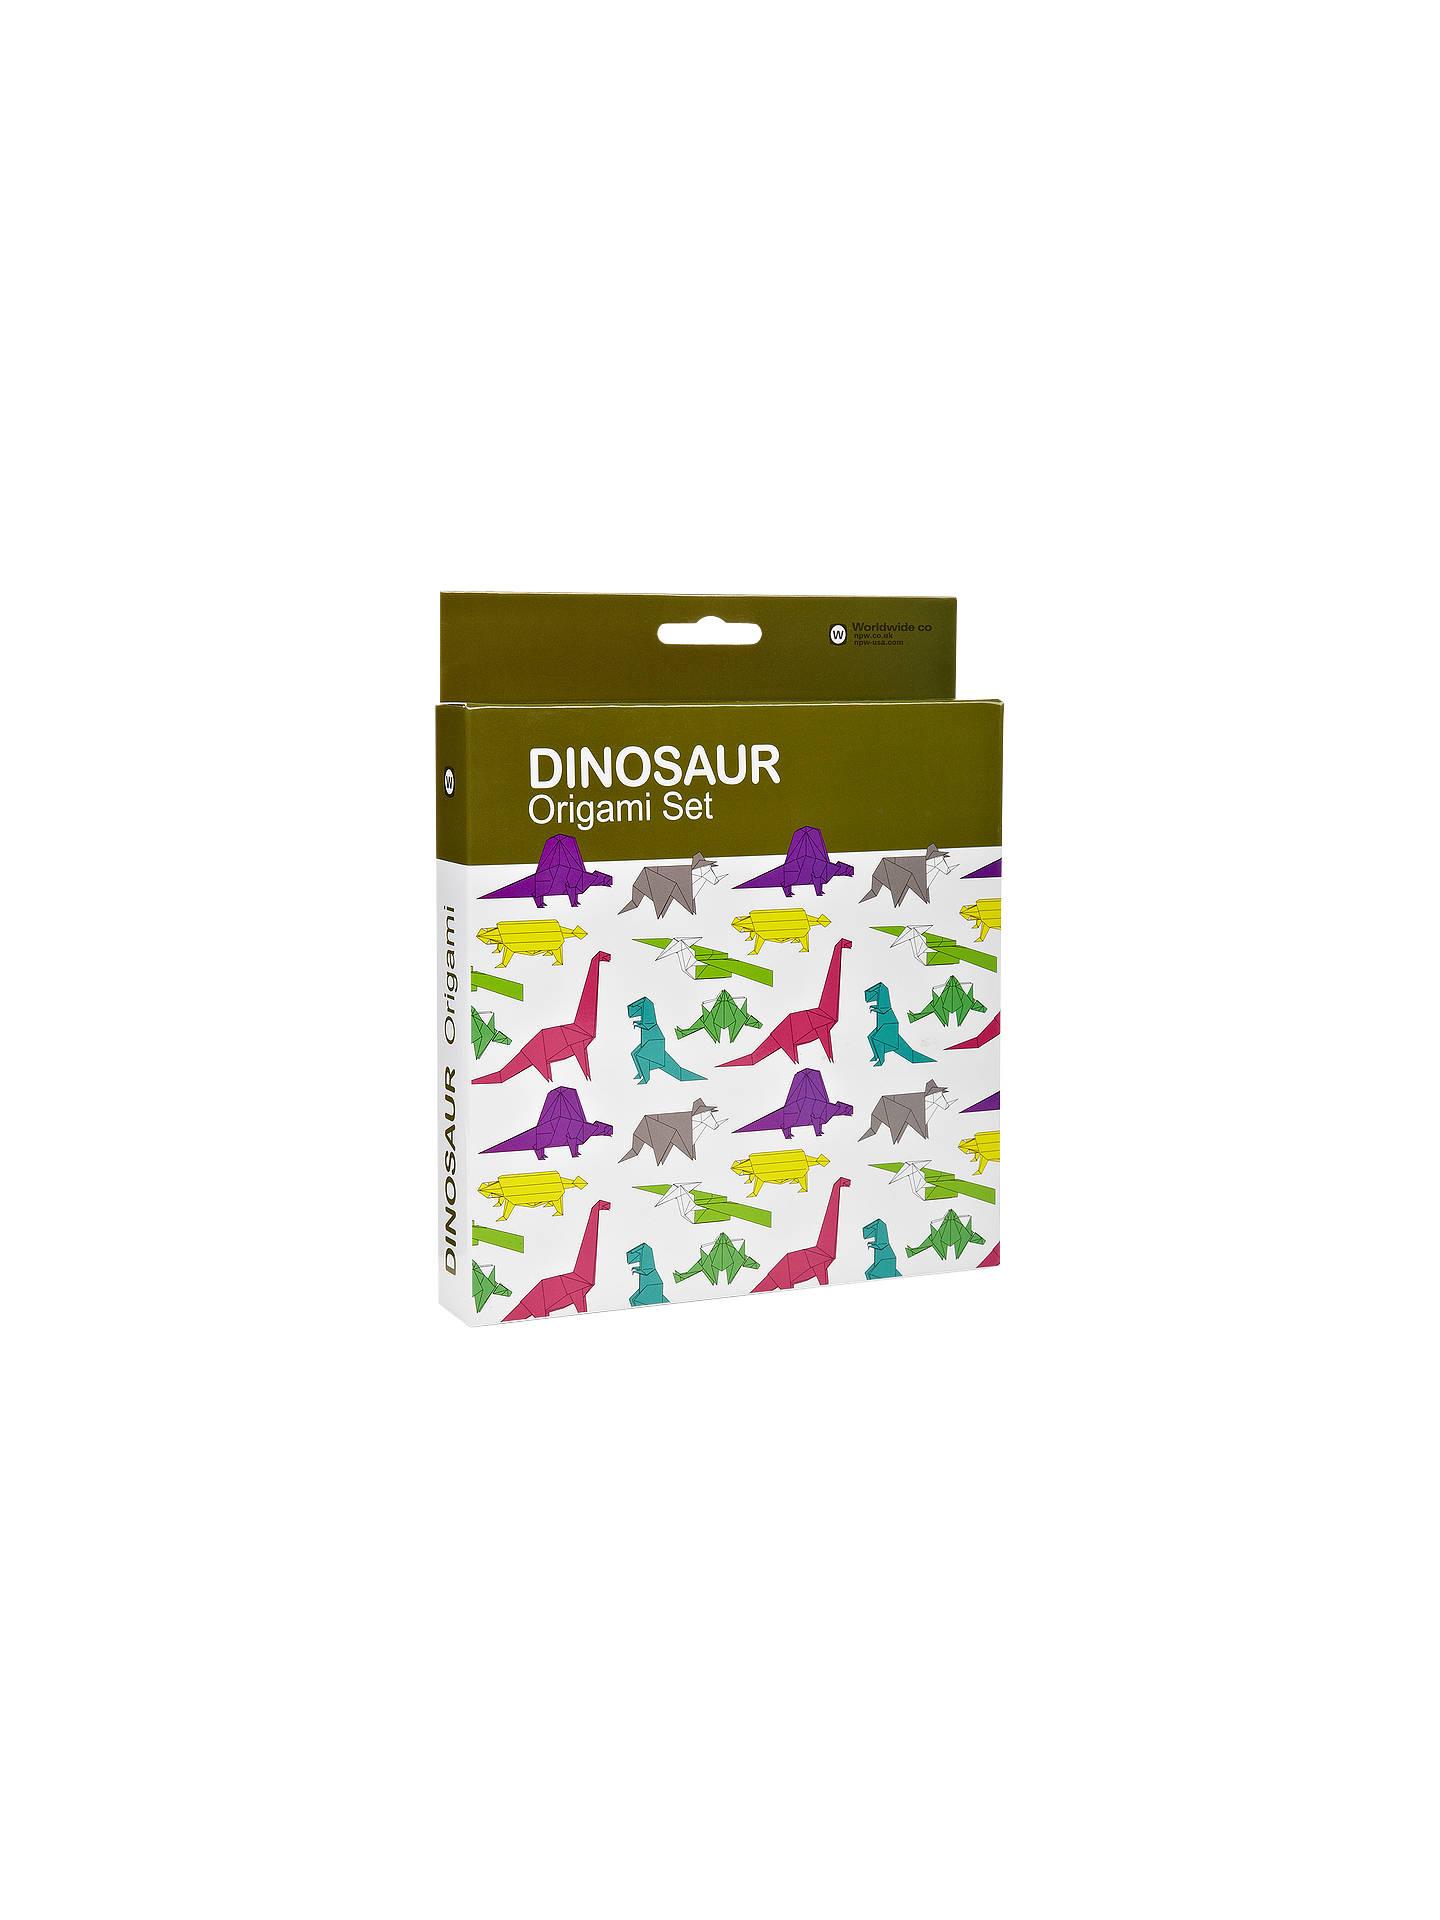 Amazon.com: NPW Origami Kit, Dinosaur | 1920x1440